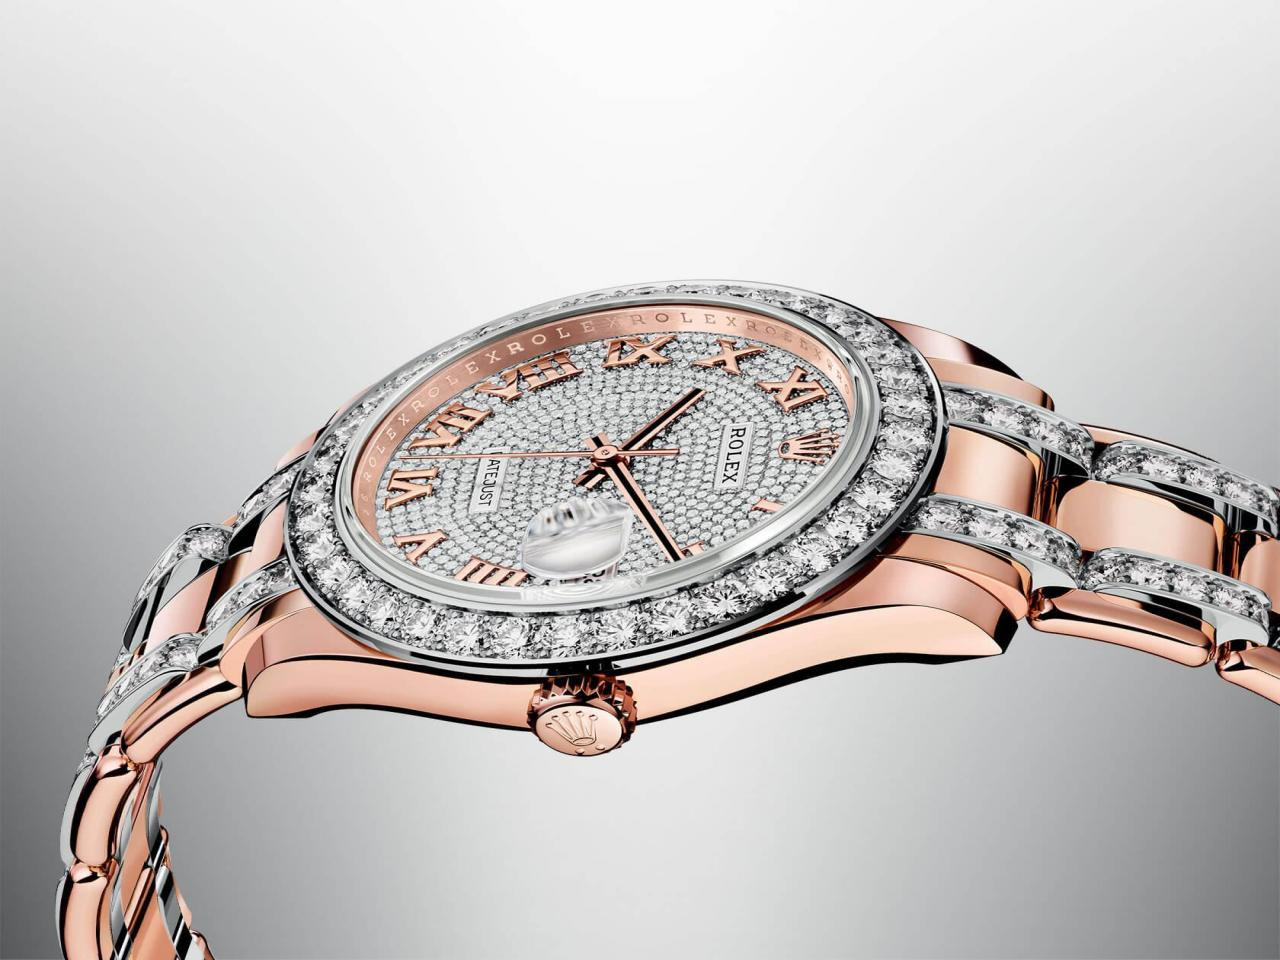 official photos 70b37 d8775 ロレックスが発表!貴石をセットした時計の中でも最高峰のモデル ...